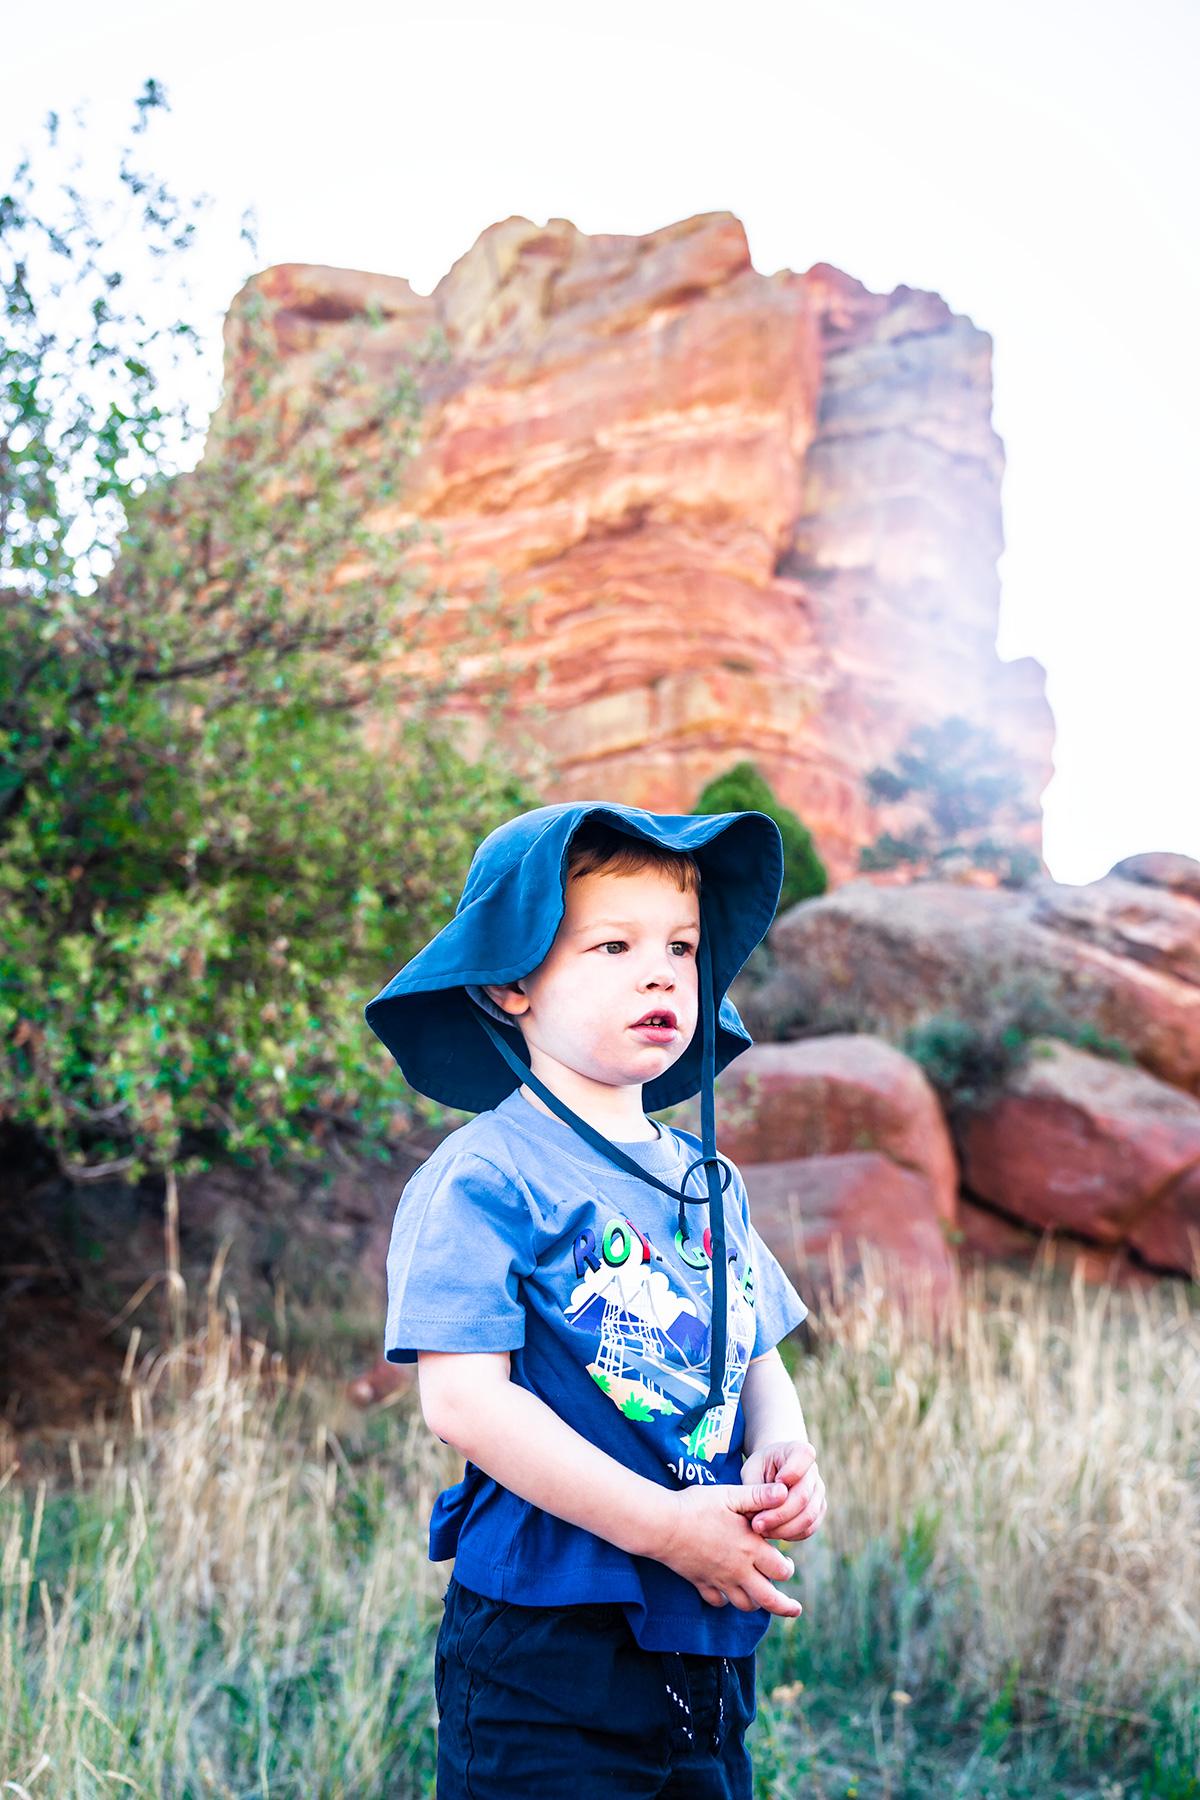 Tru-at-Red-Rocks-Amphitheatre-Denver-Colorado